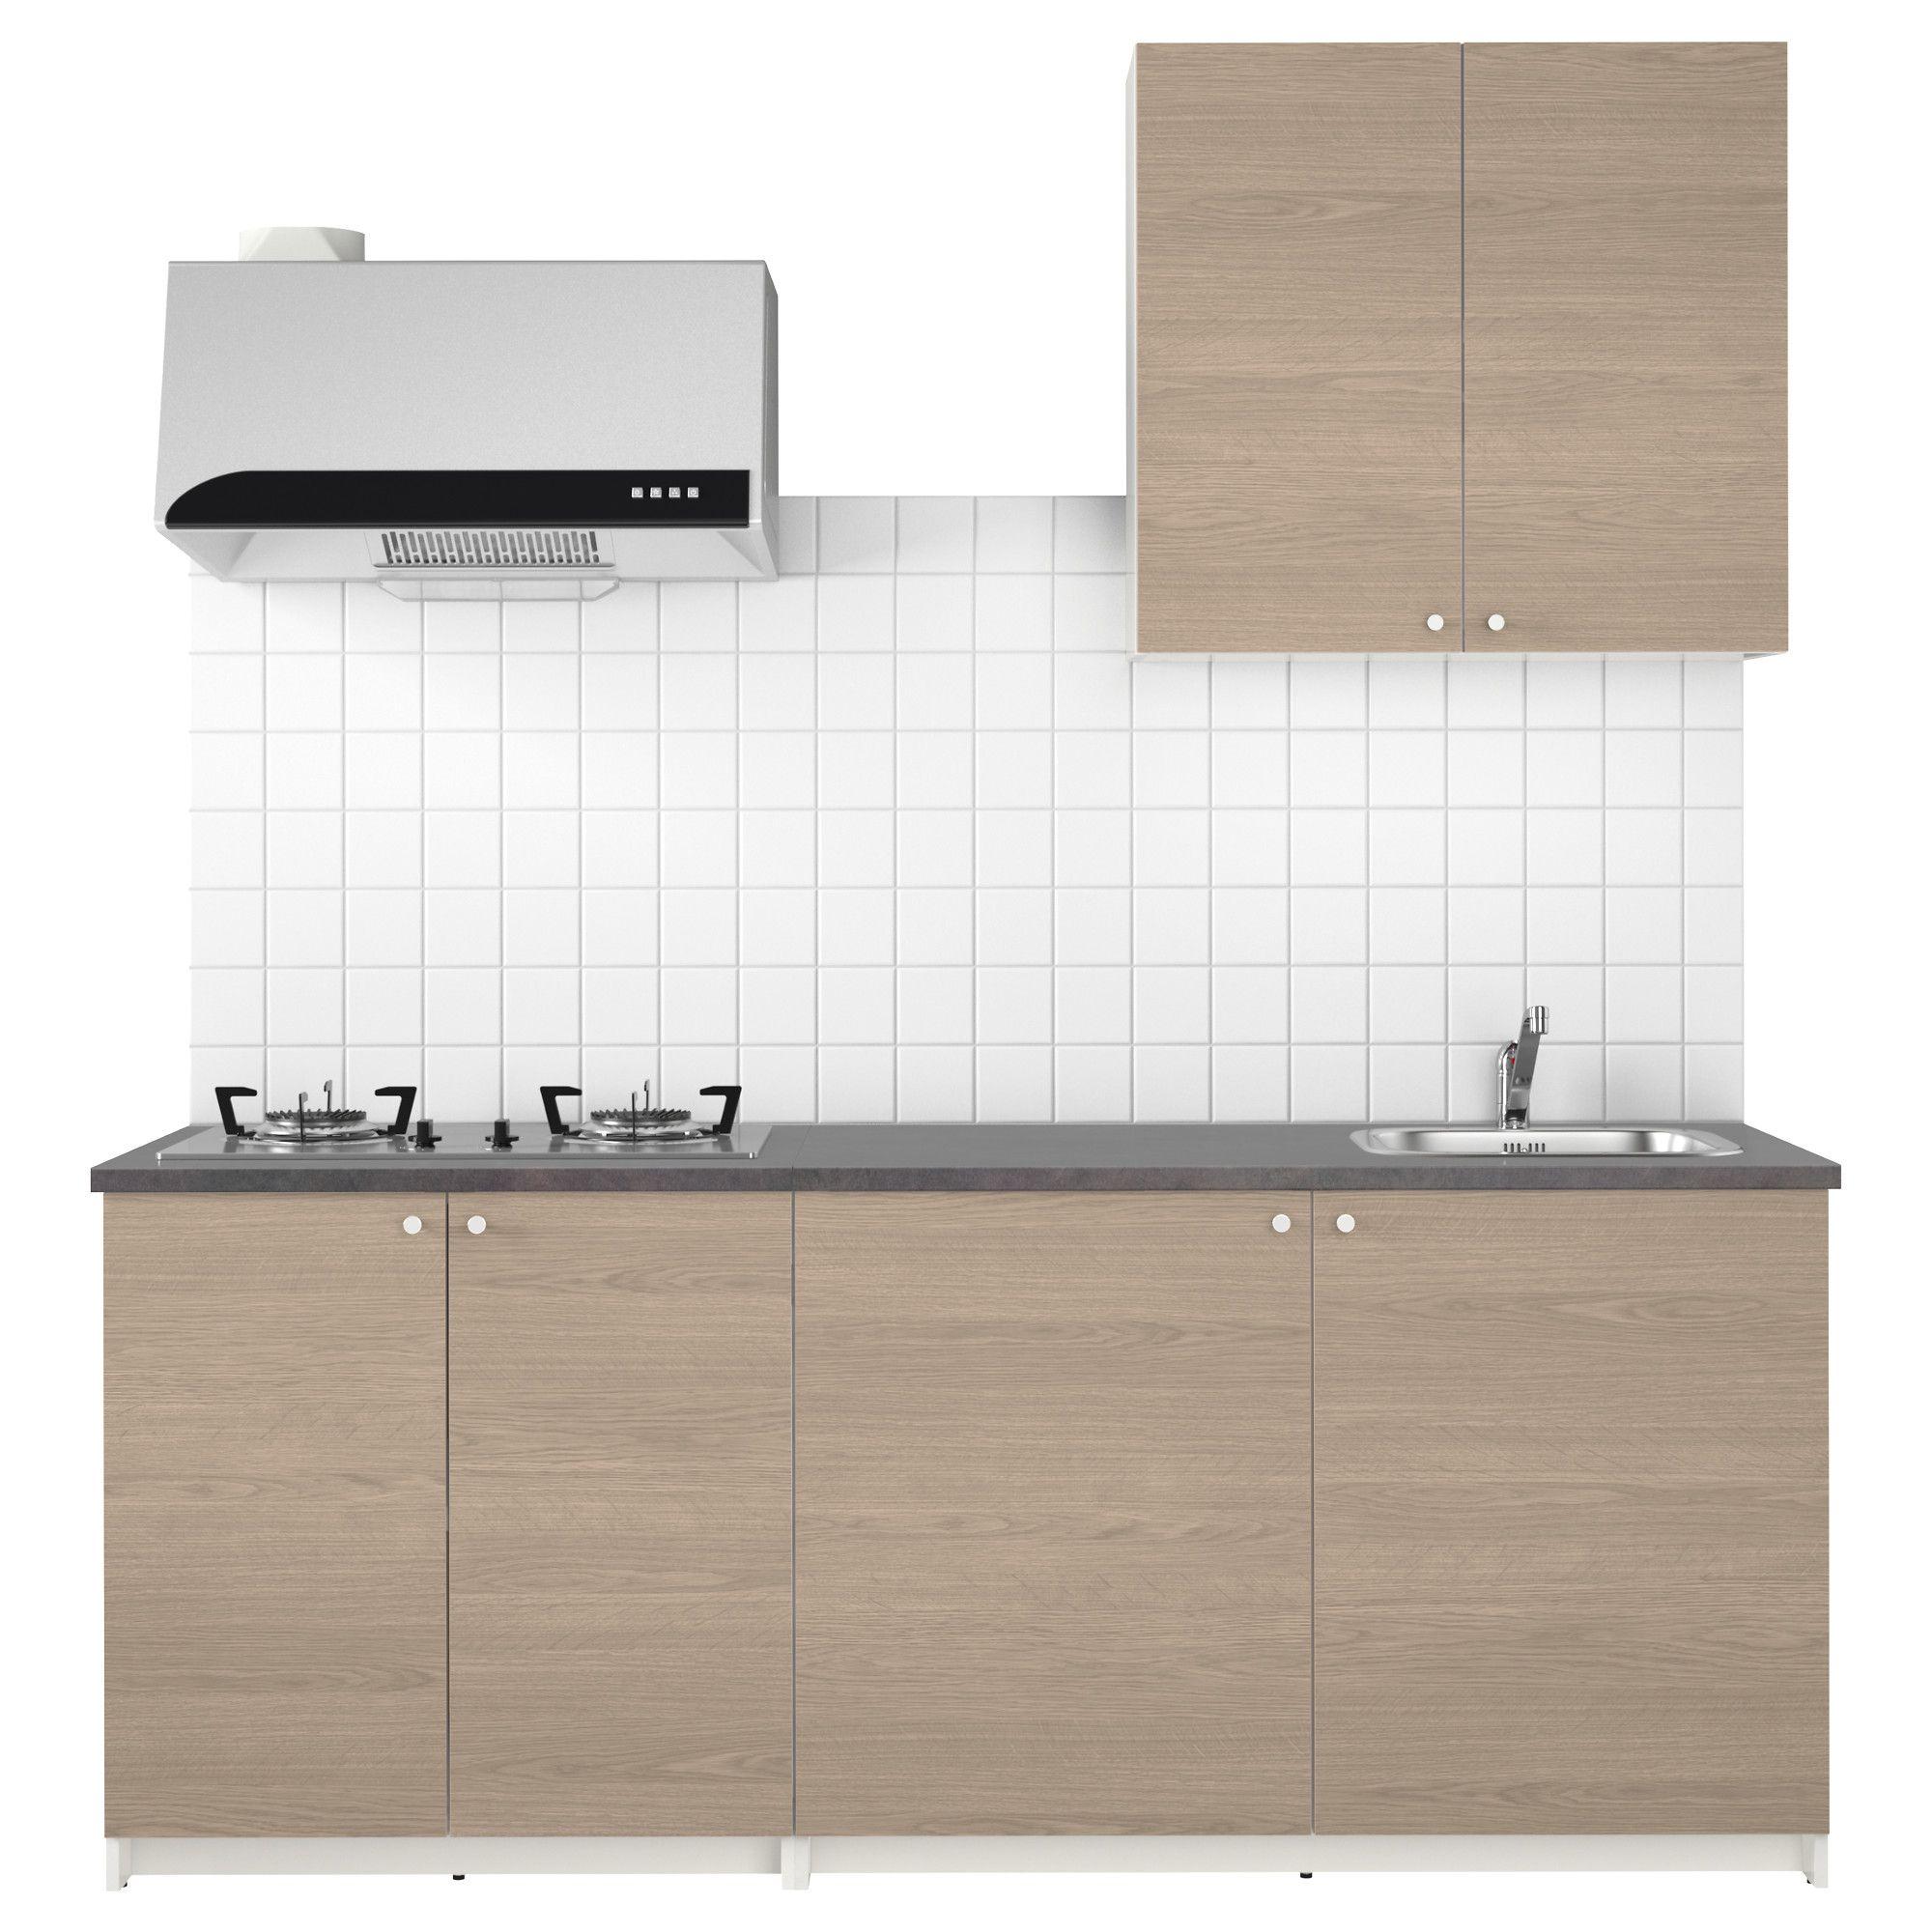 Knoxhult Ikea Kitchen Cabinets Kf Ikea Kitchen Cabinets Ikea Kitchen Grey Ikea Kitchen